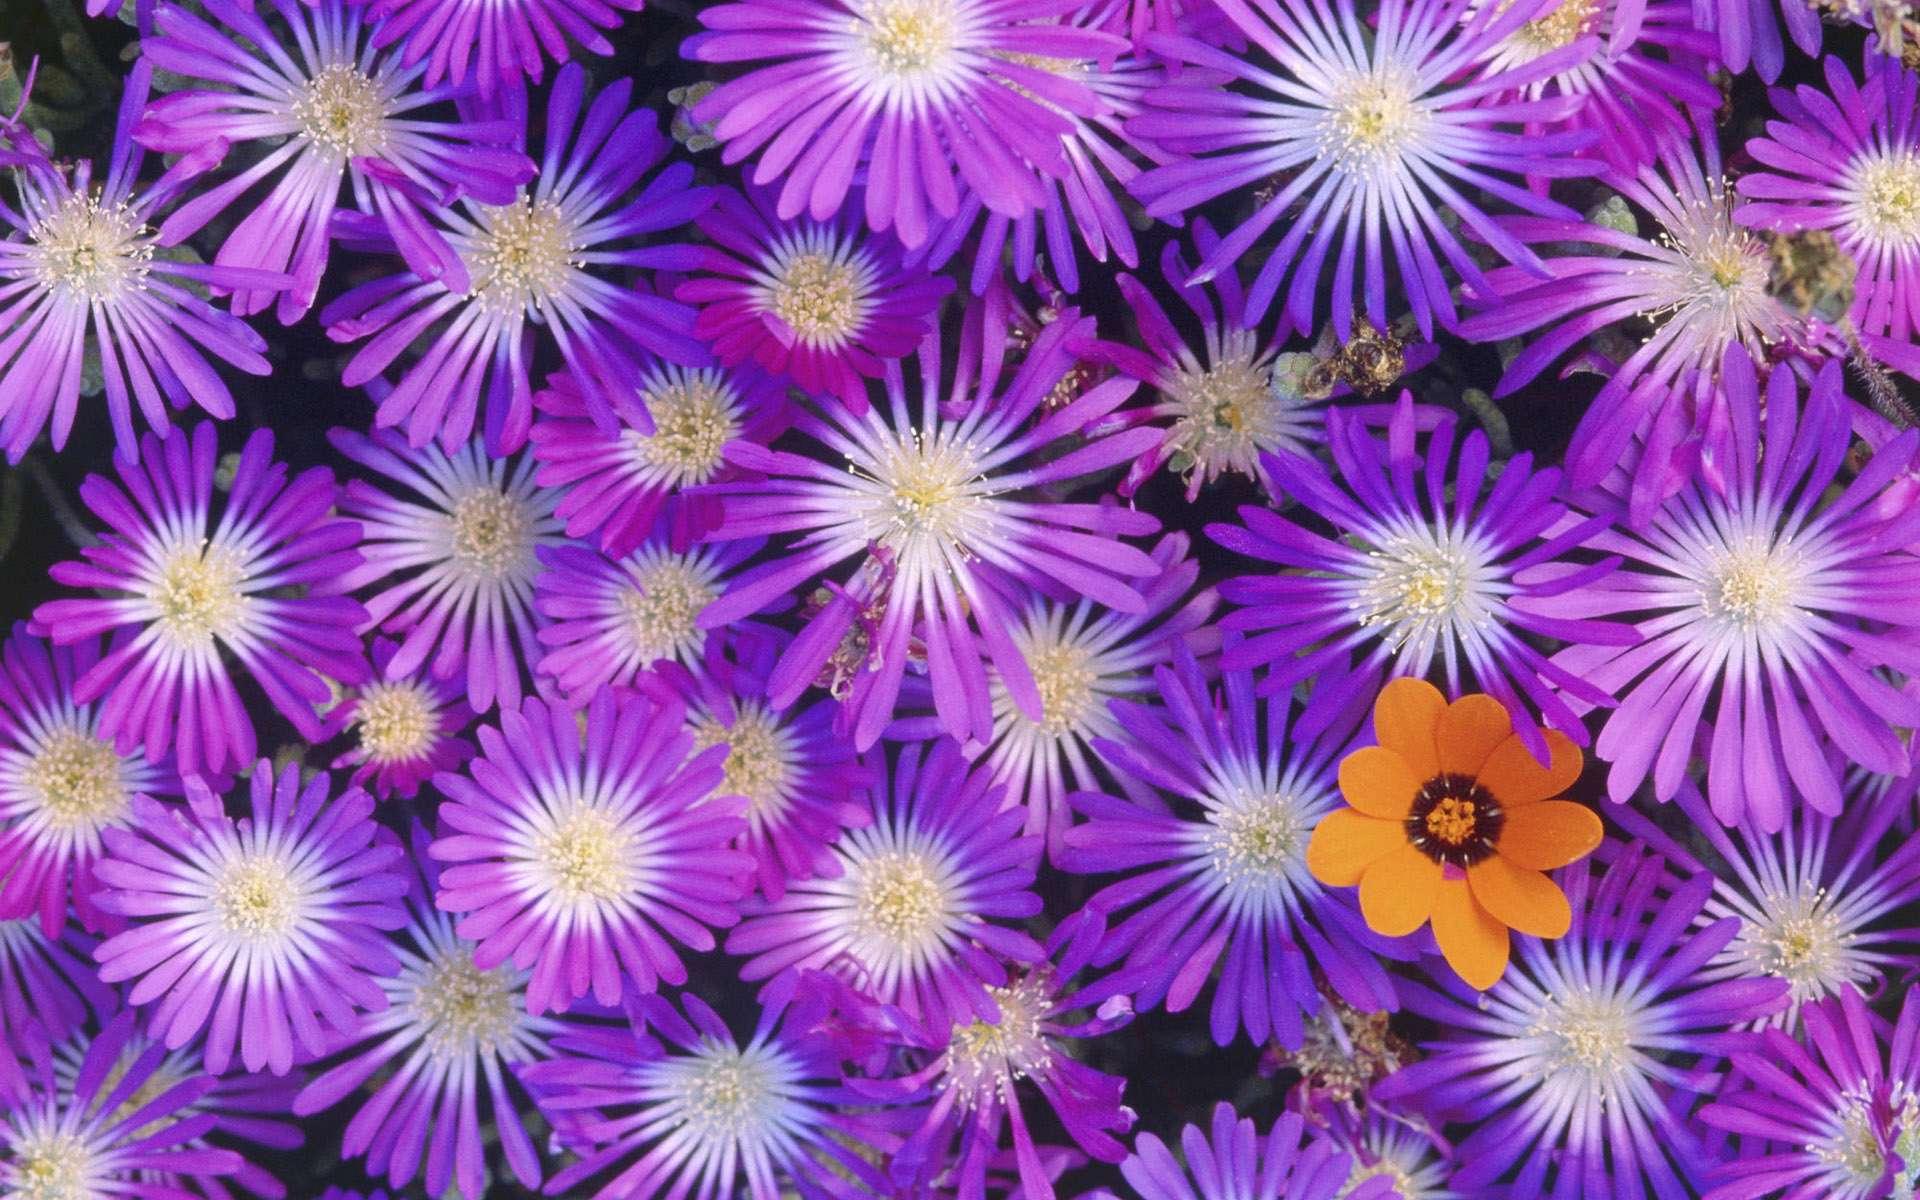 گلهای بنفش زیبا گنجینه تصاویر تبيان